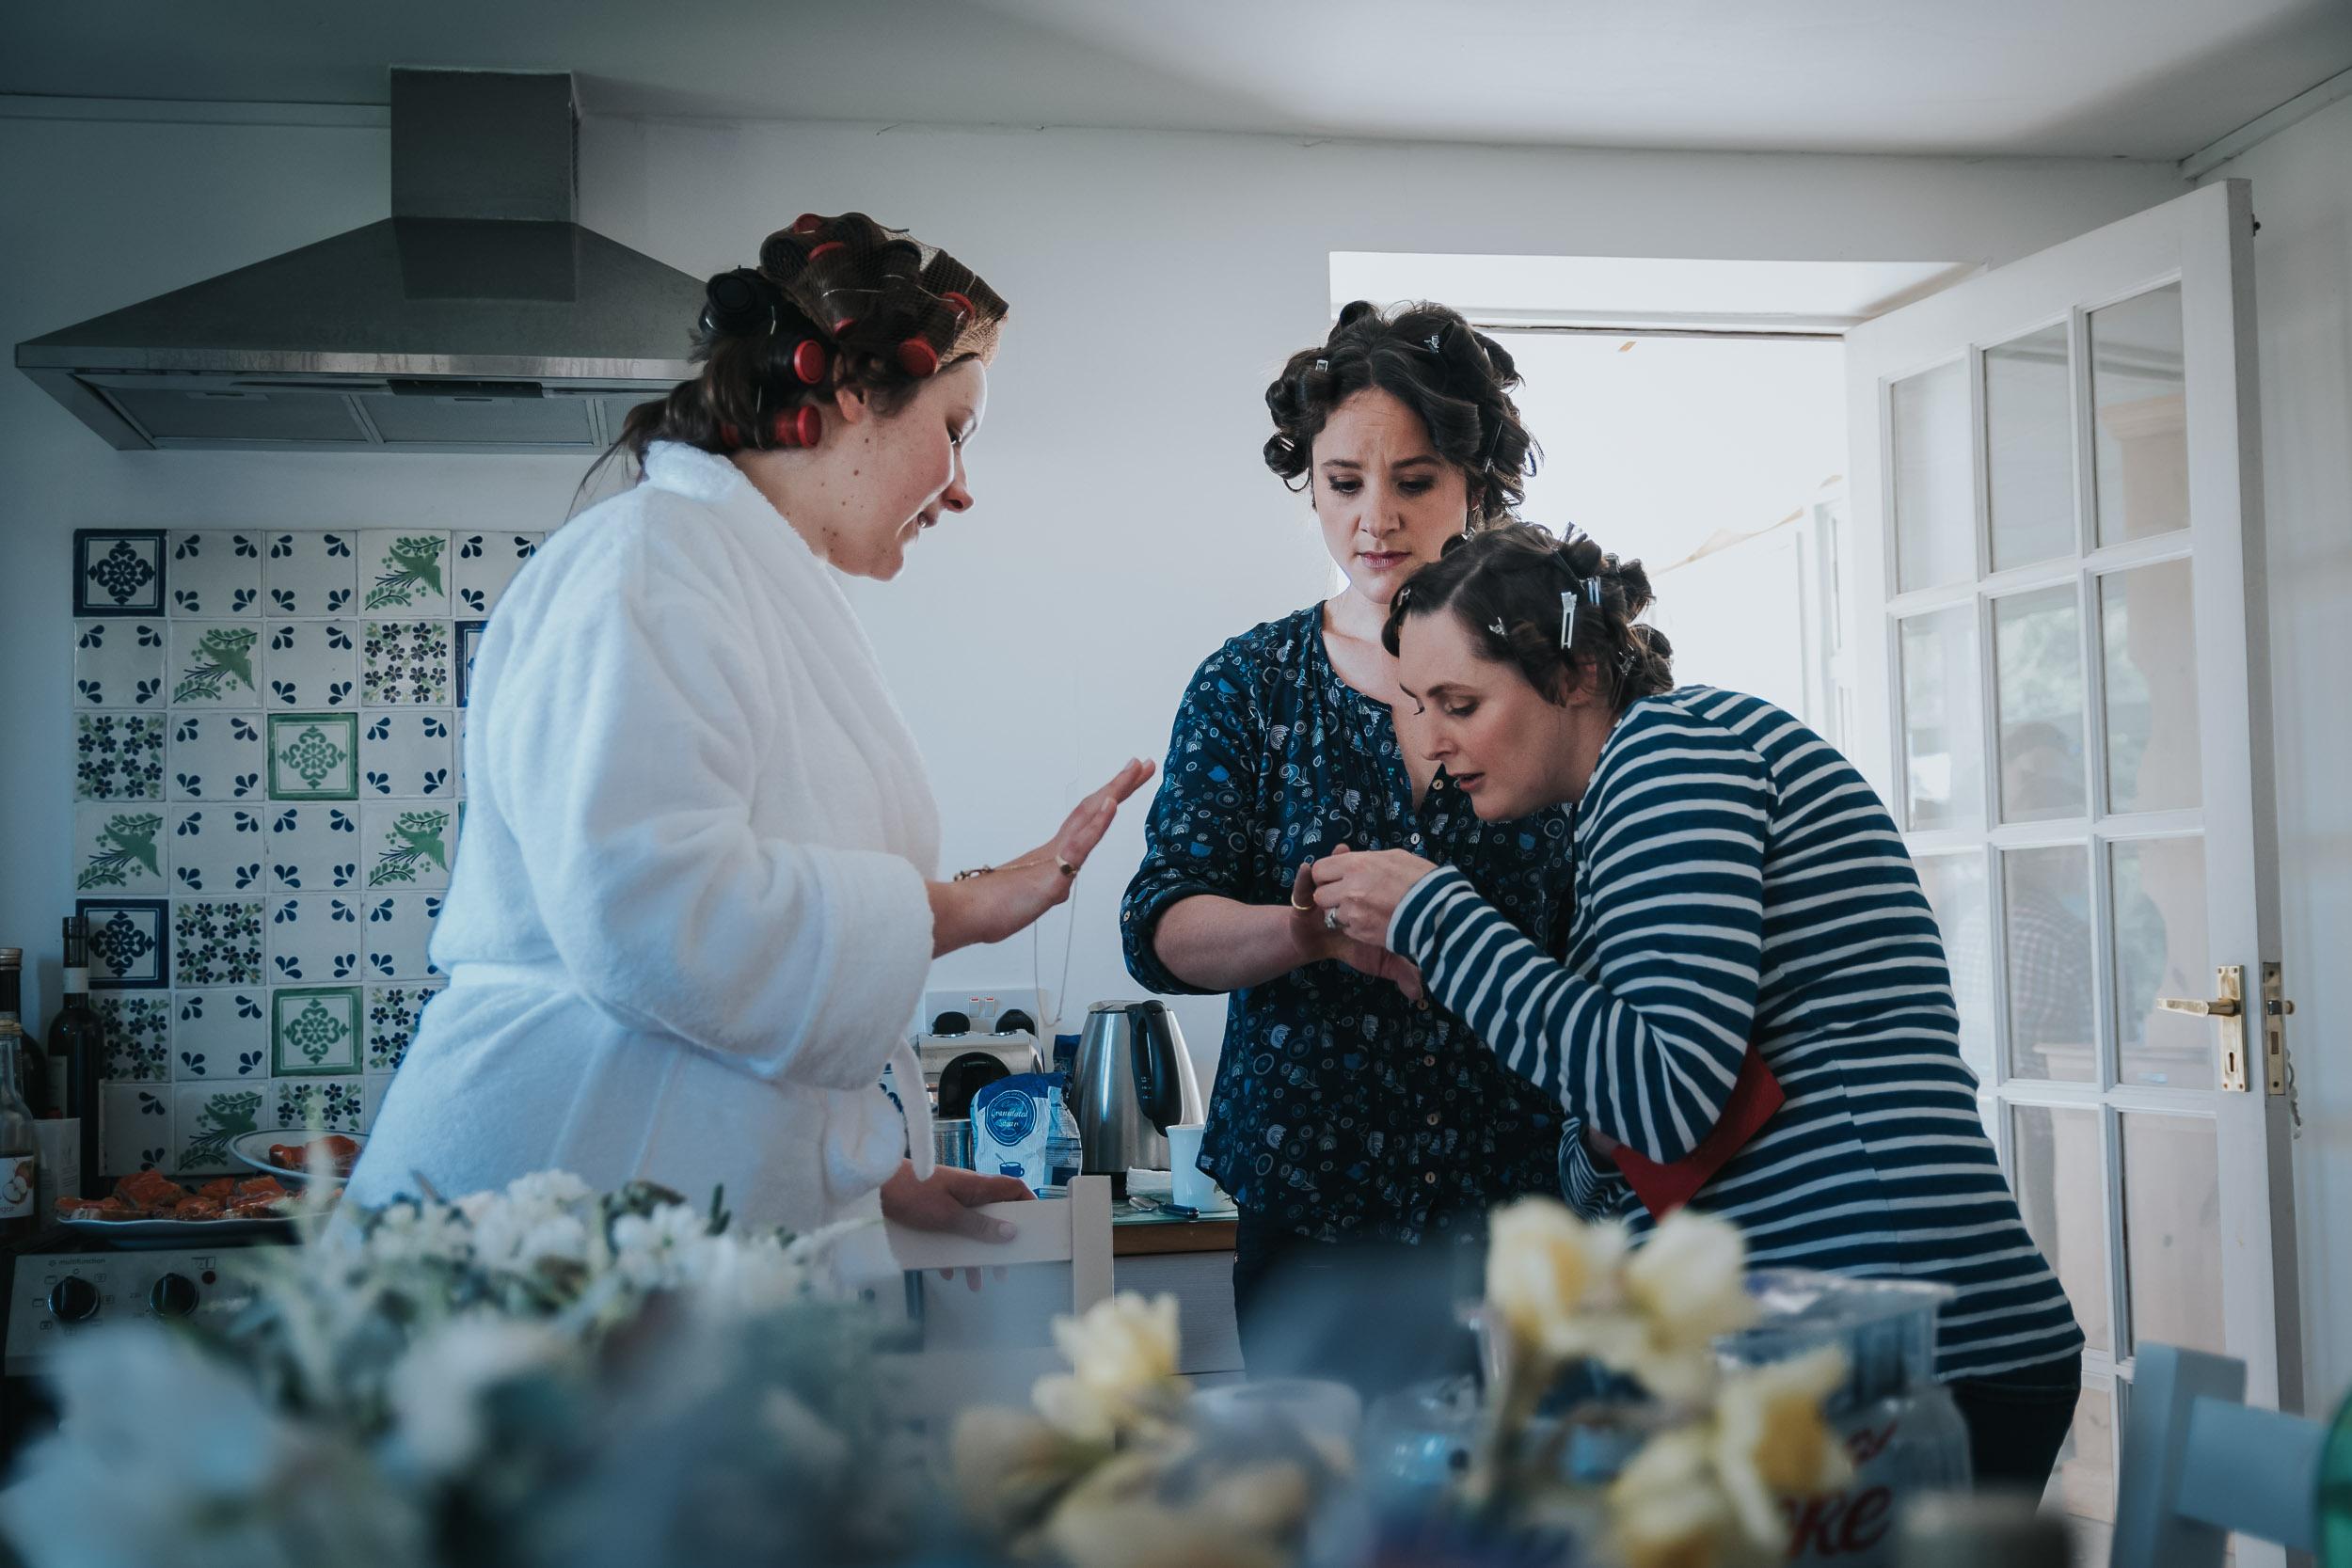 Hamswell-House-Wedding-Photographer-05